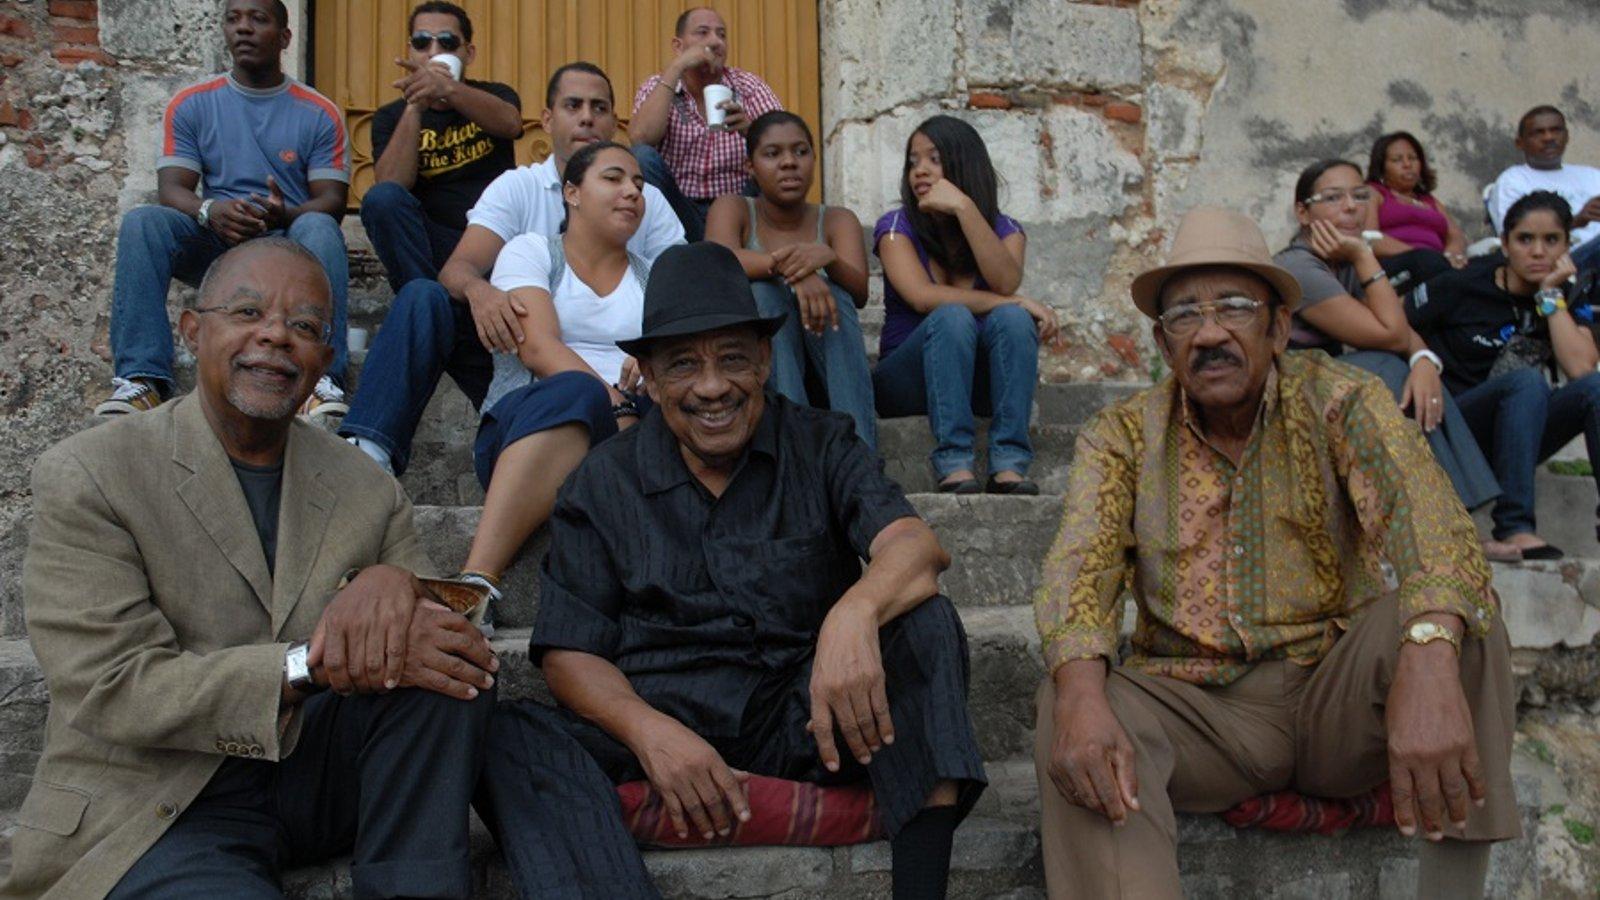 Haiti & Dominican Republic - An Island Divided